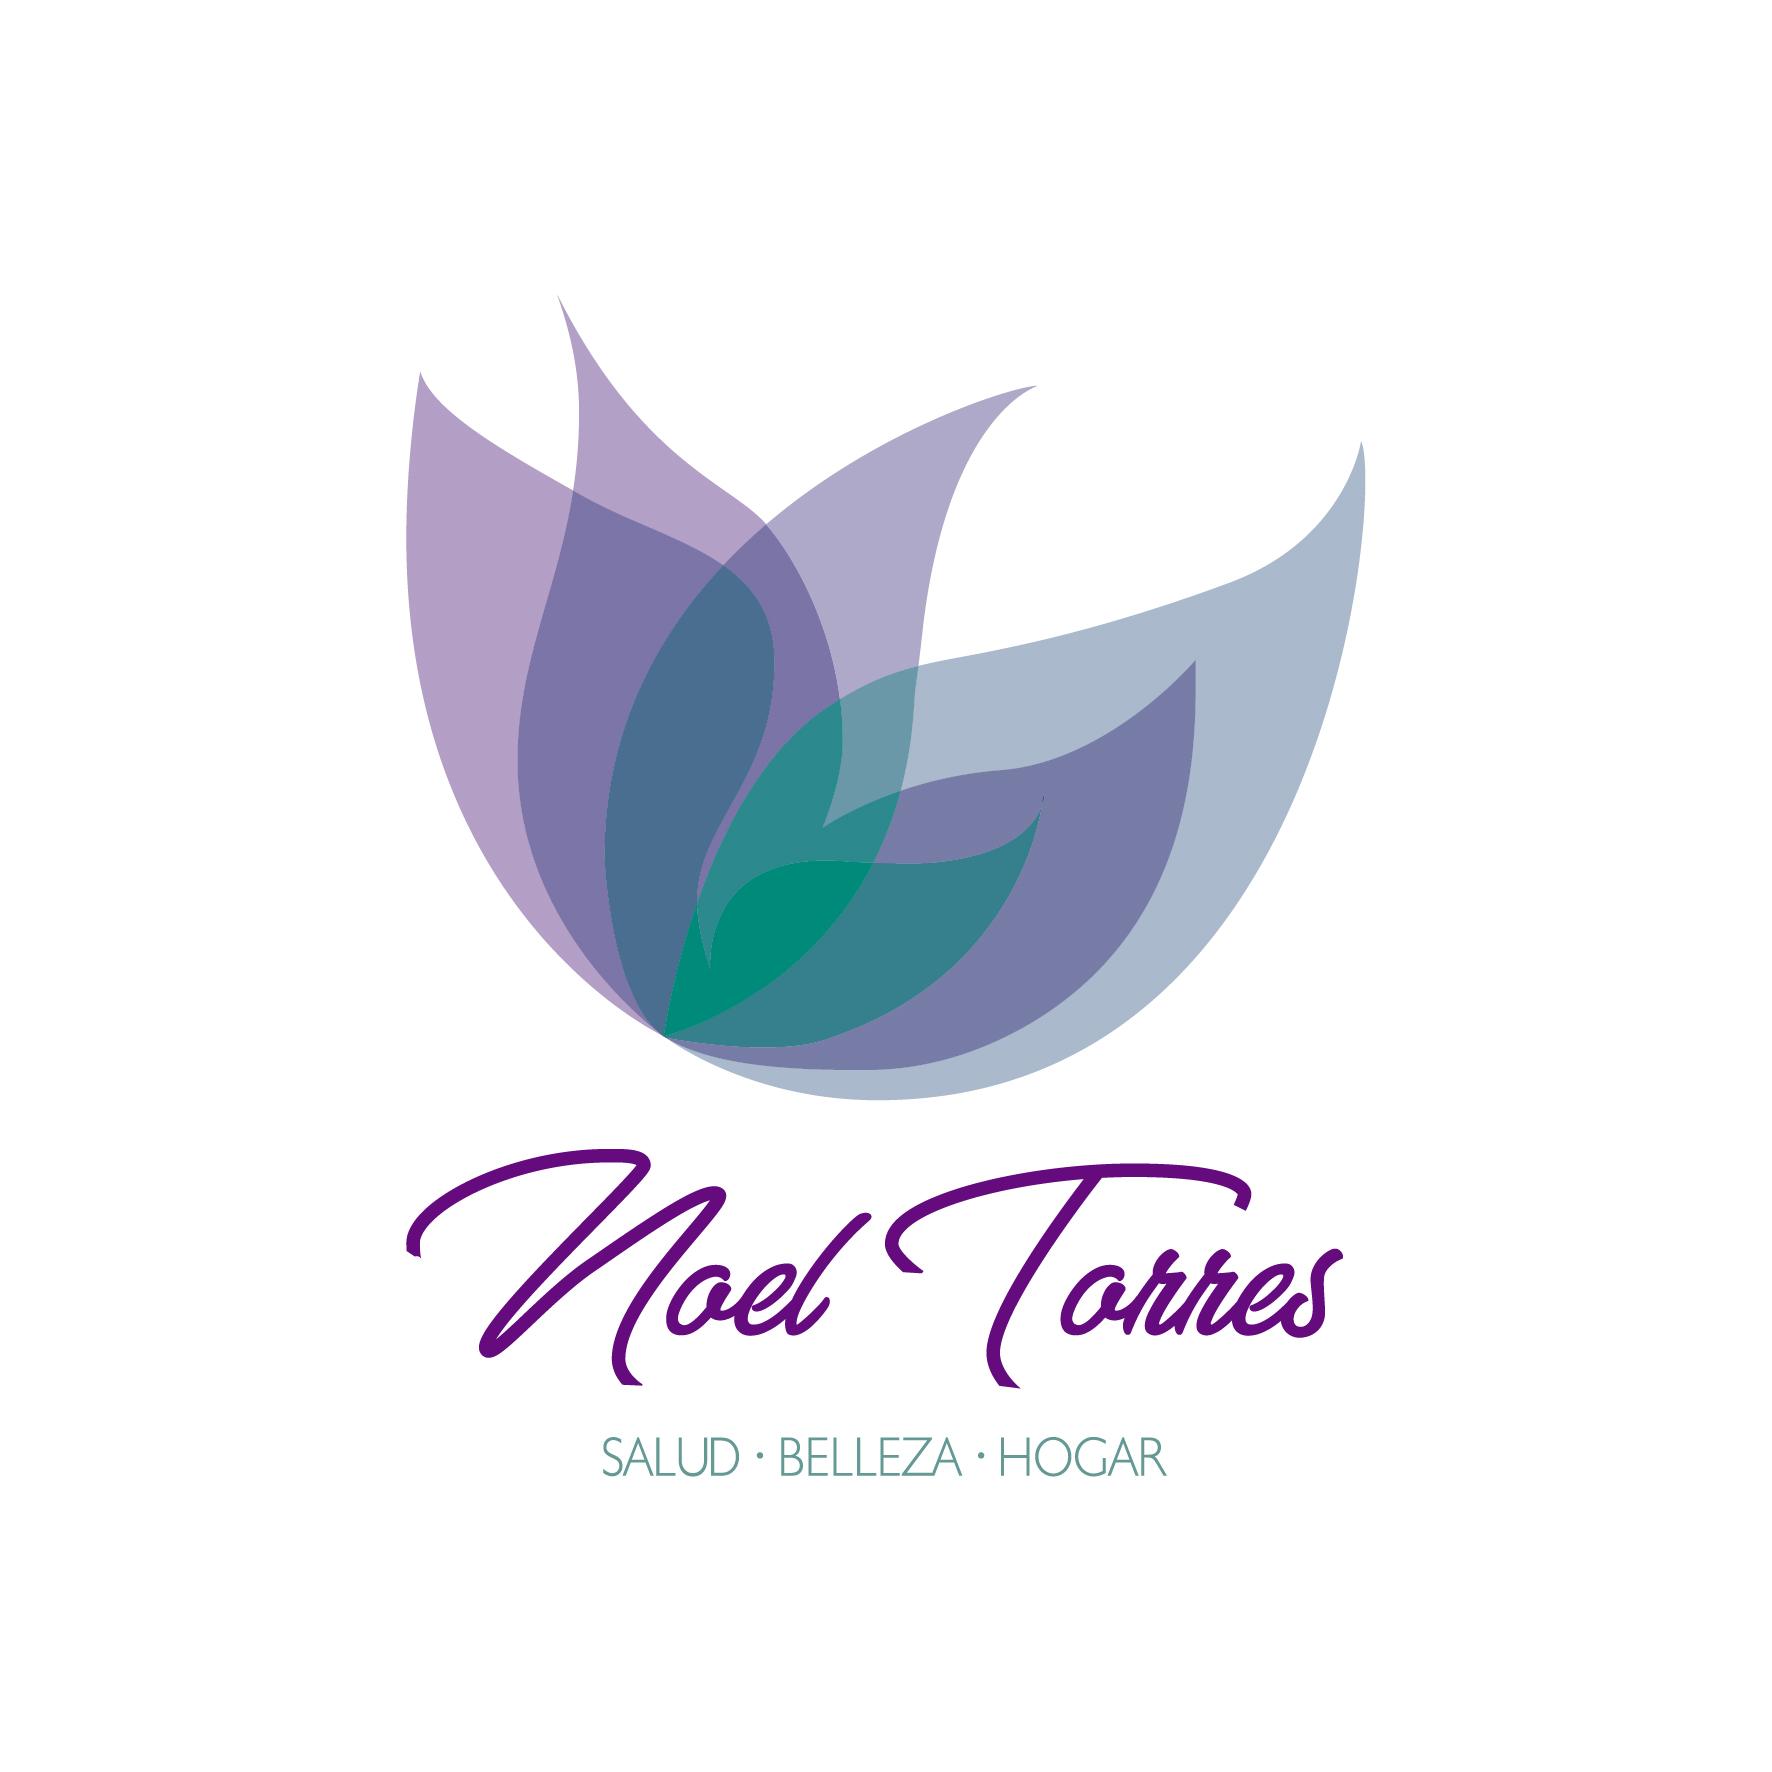 NOEL TORRES - N. Torres